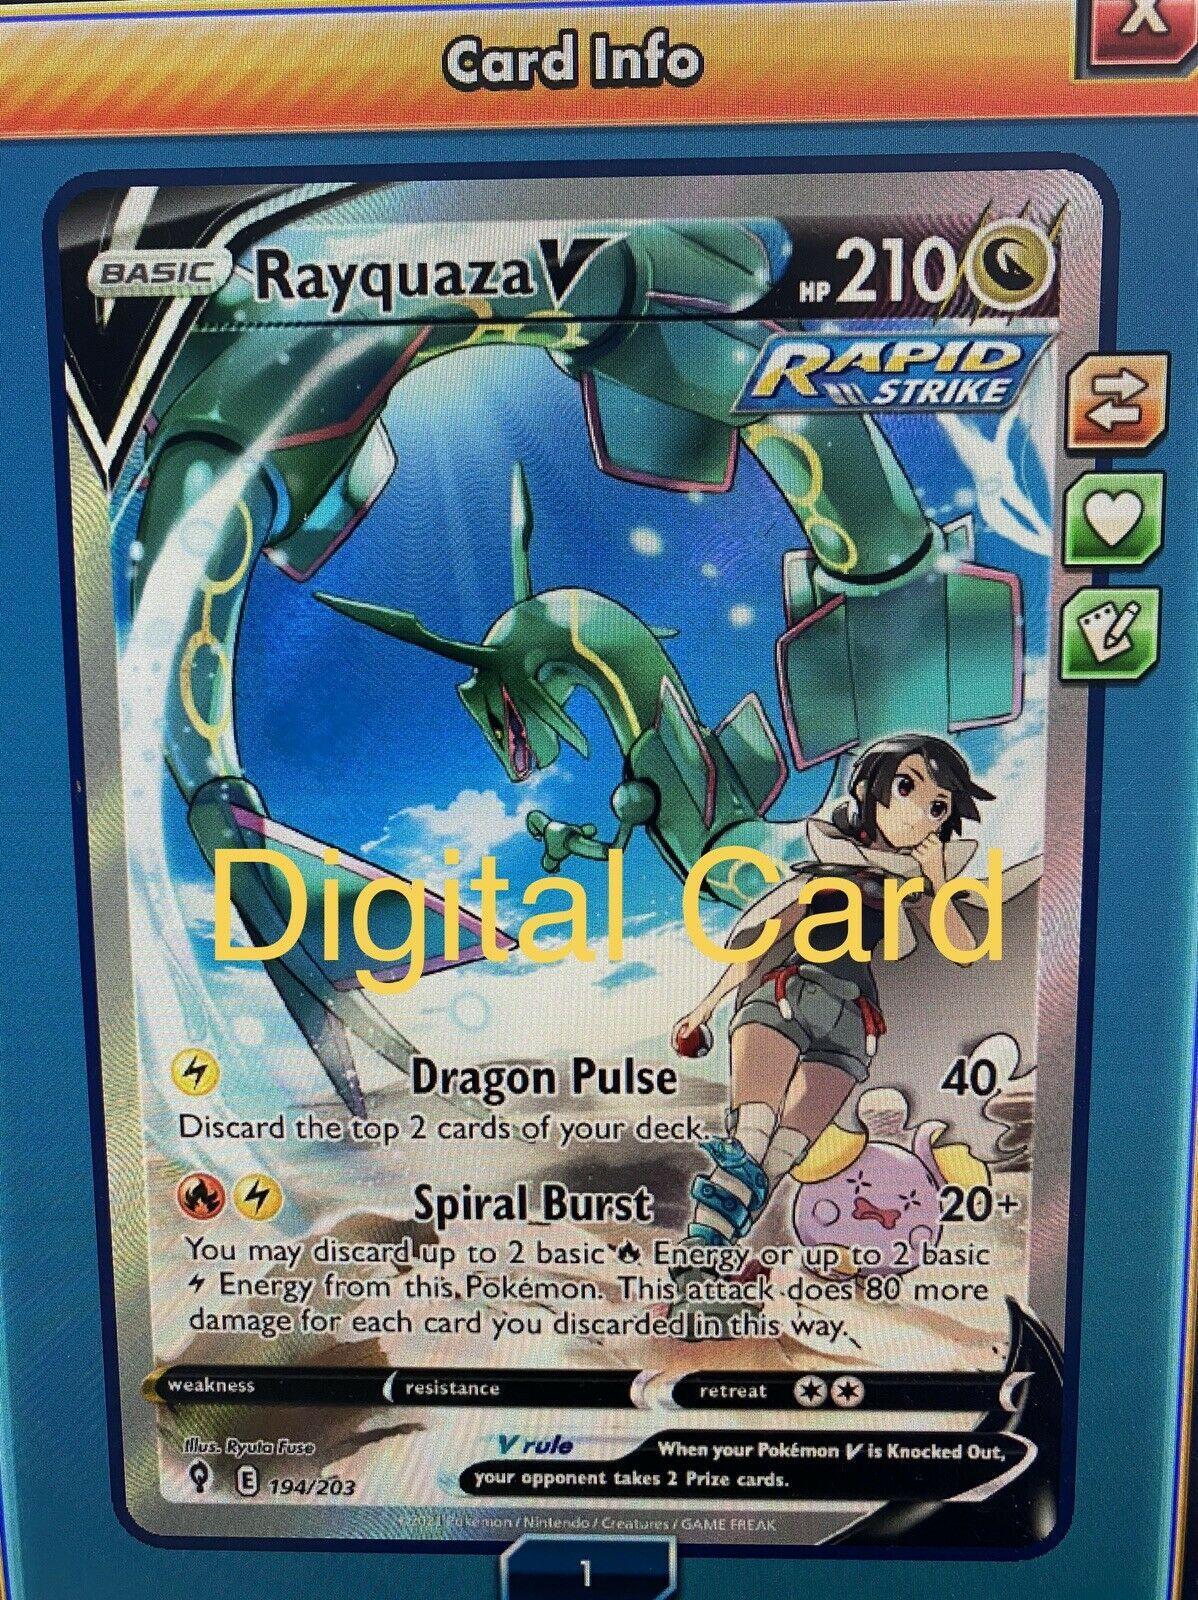 Pokémon Alternate Art Rayquaza V 194/203 Alt Evolving Skies DIGITAL PTCGO Online